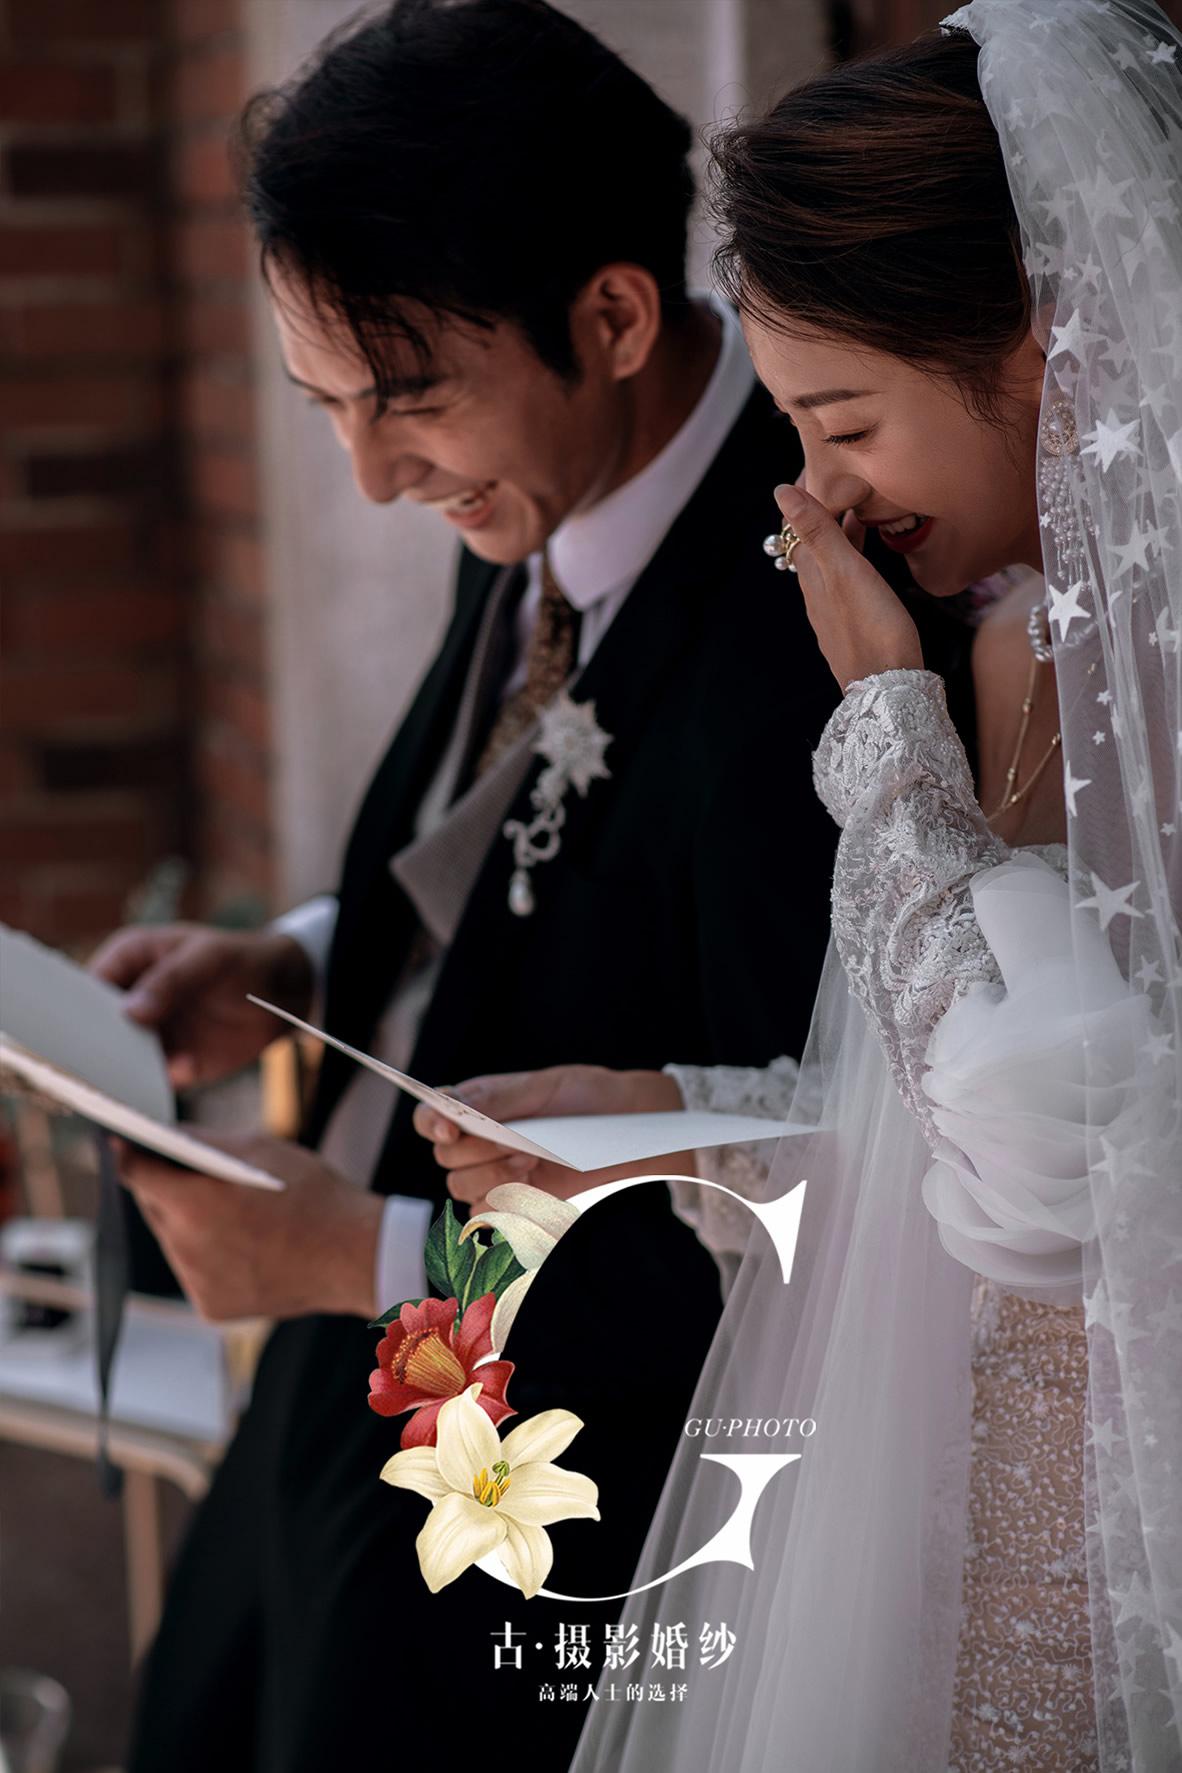 全新公主道《布拉格广场》 - 拍摄地 - 广州婚纱摄影-广州古摄影官网